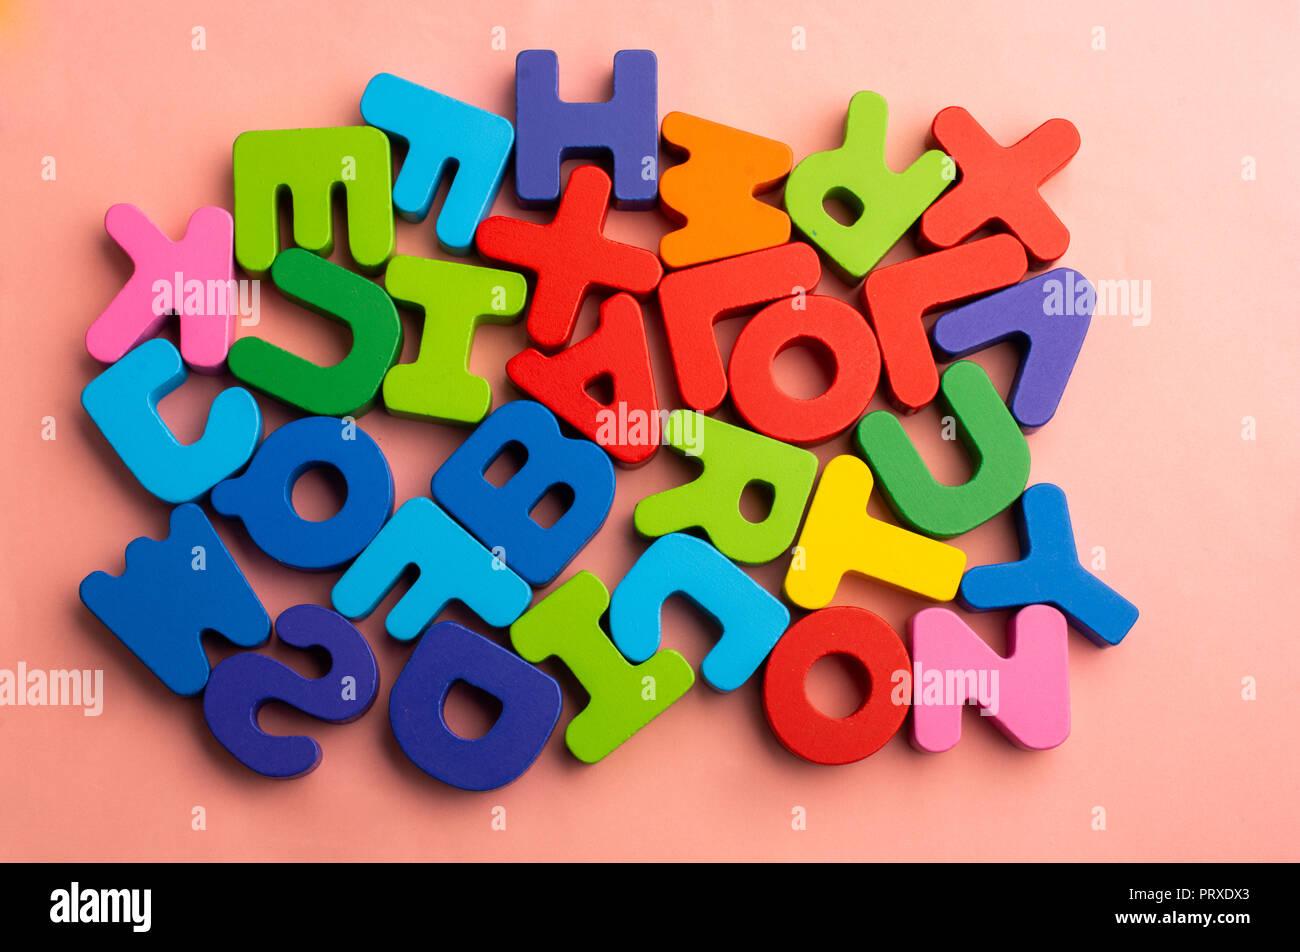 Lettere Di Legno Colorate : Colorate le lettere dell alfabeto di legno foto & immagine stock